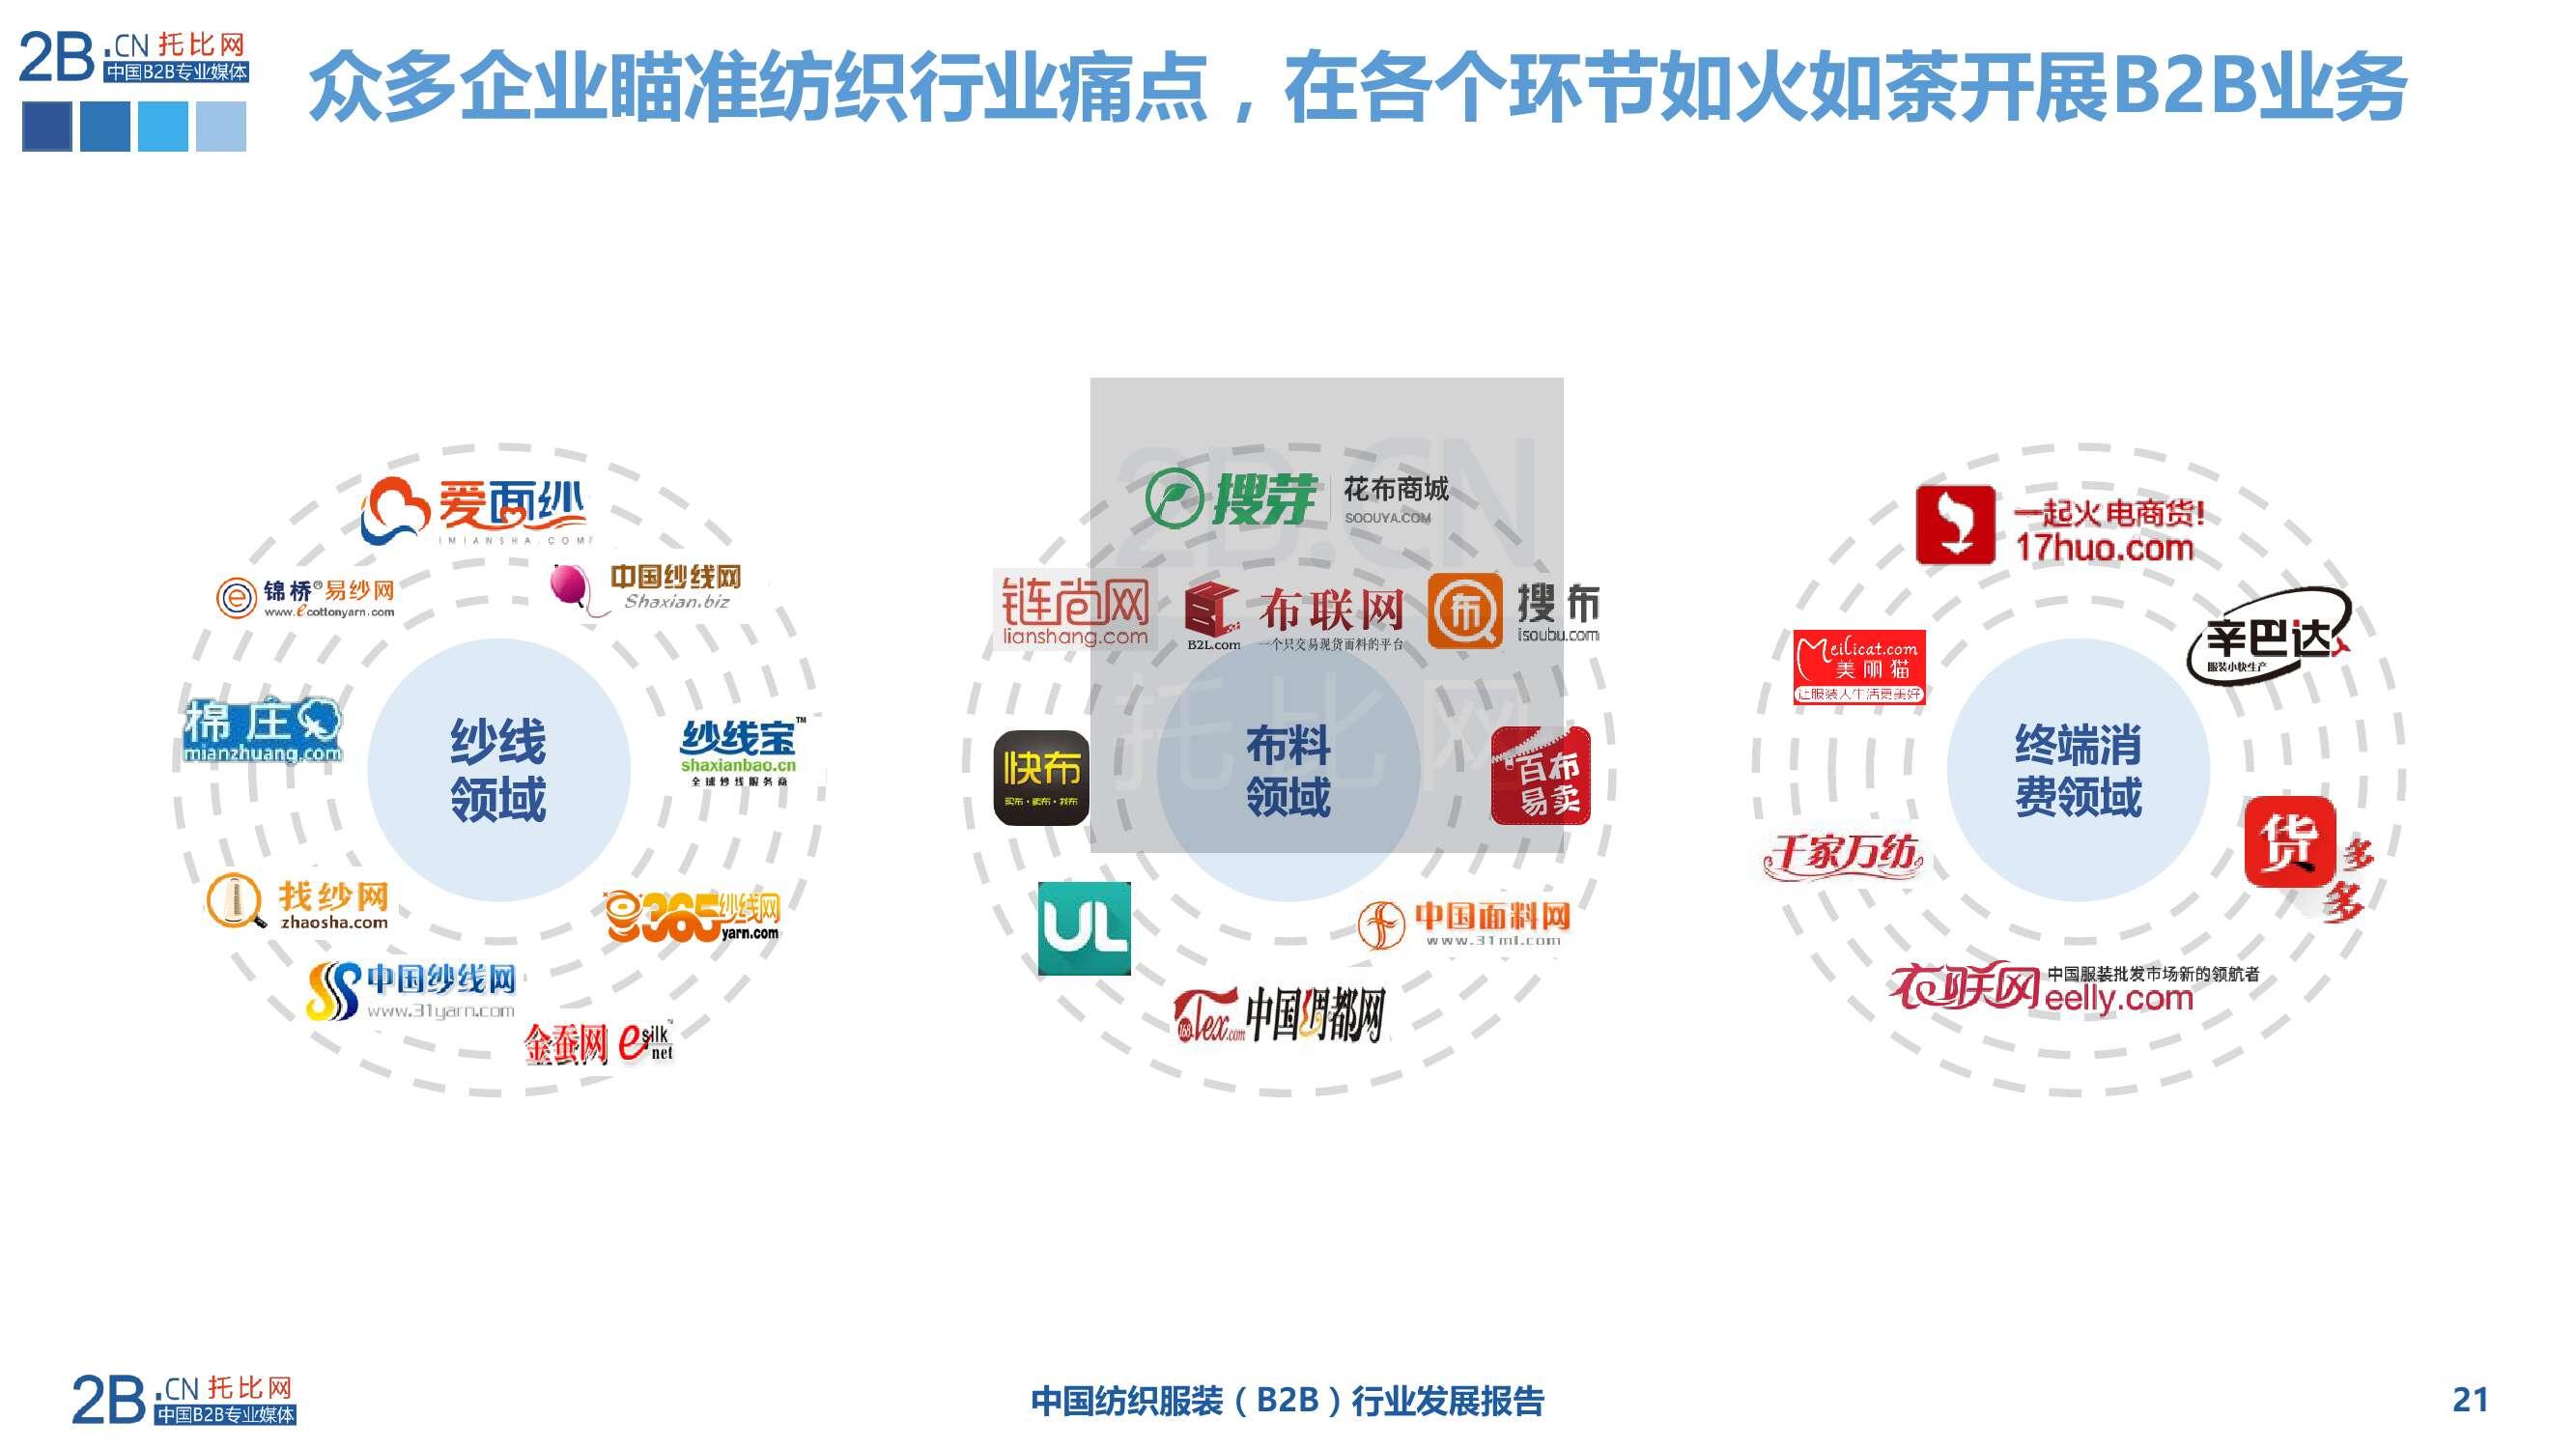 2015年中国纺织服装B2B行业发展报告_000021